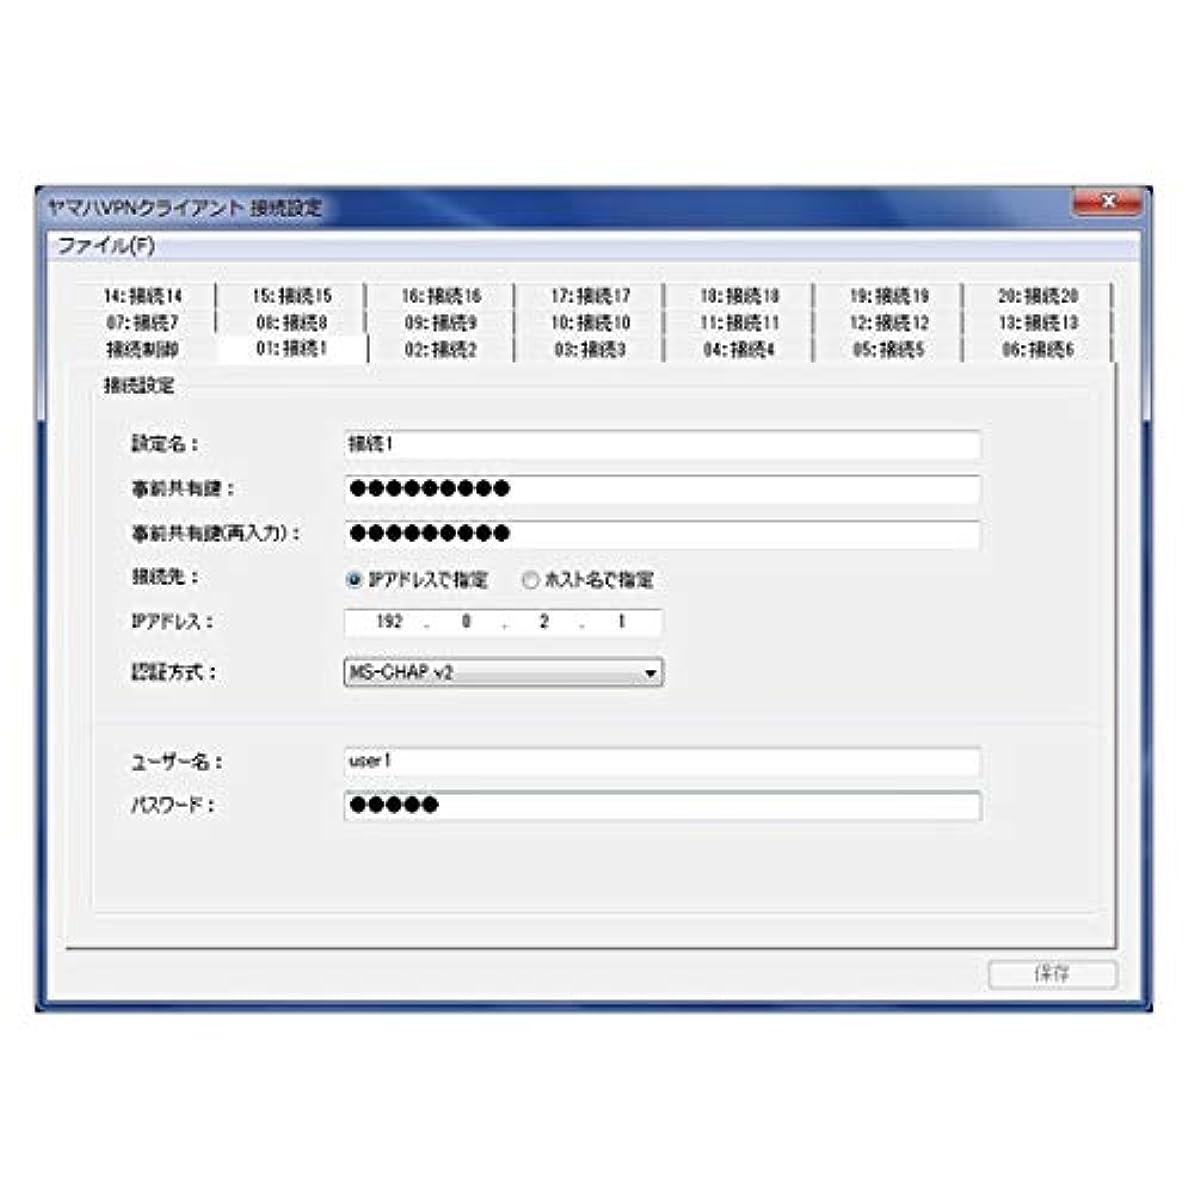 走る語灌漑ヤマハ(Yamaha) VPNクライアントソフトウェア (1クライアント) YMS-VPN8 (CD無)